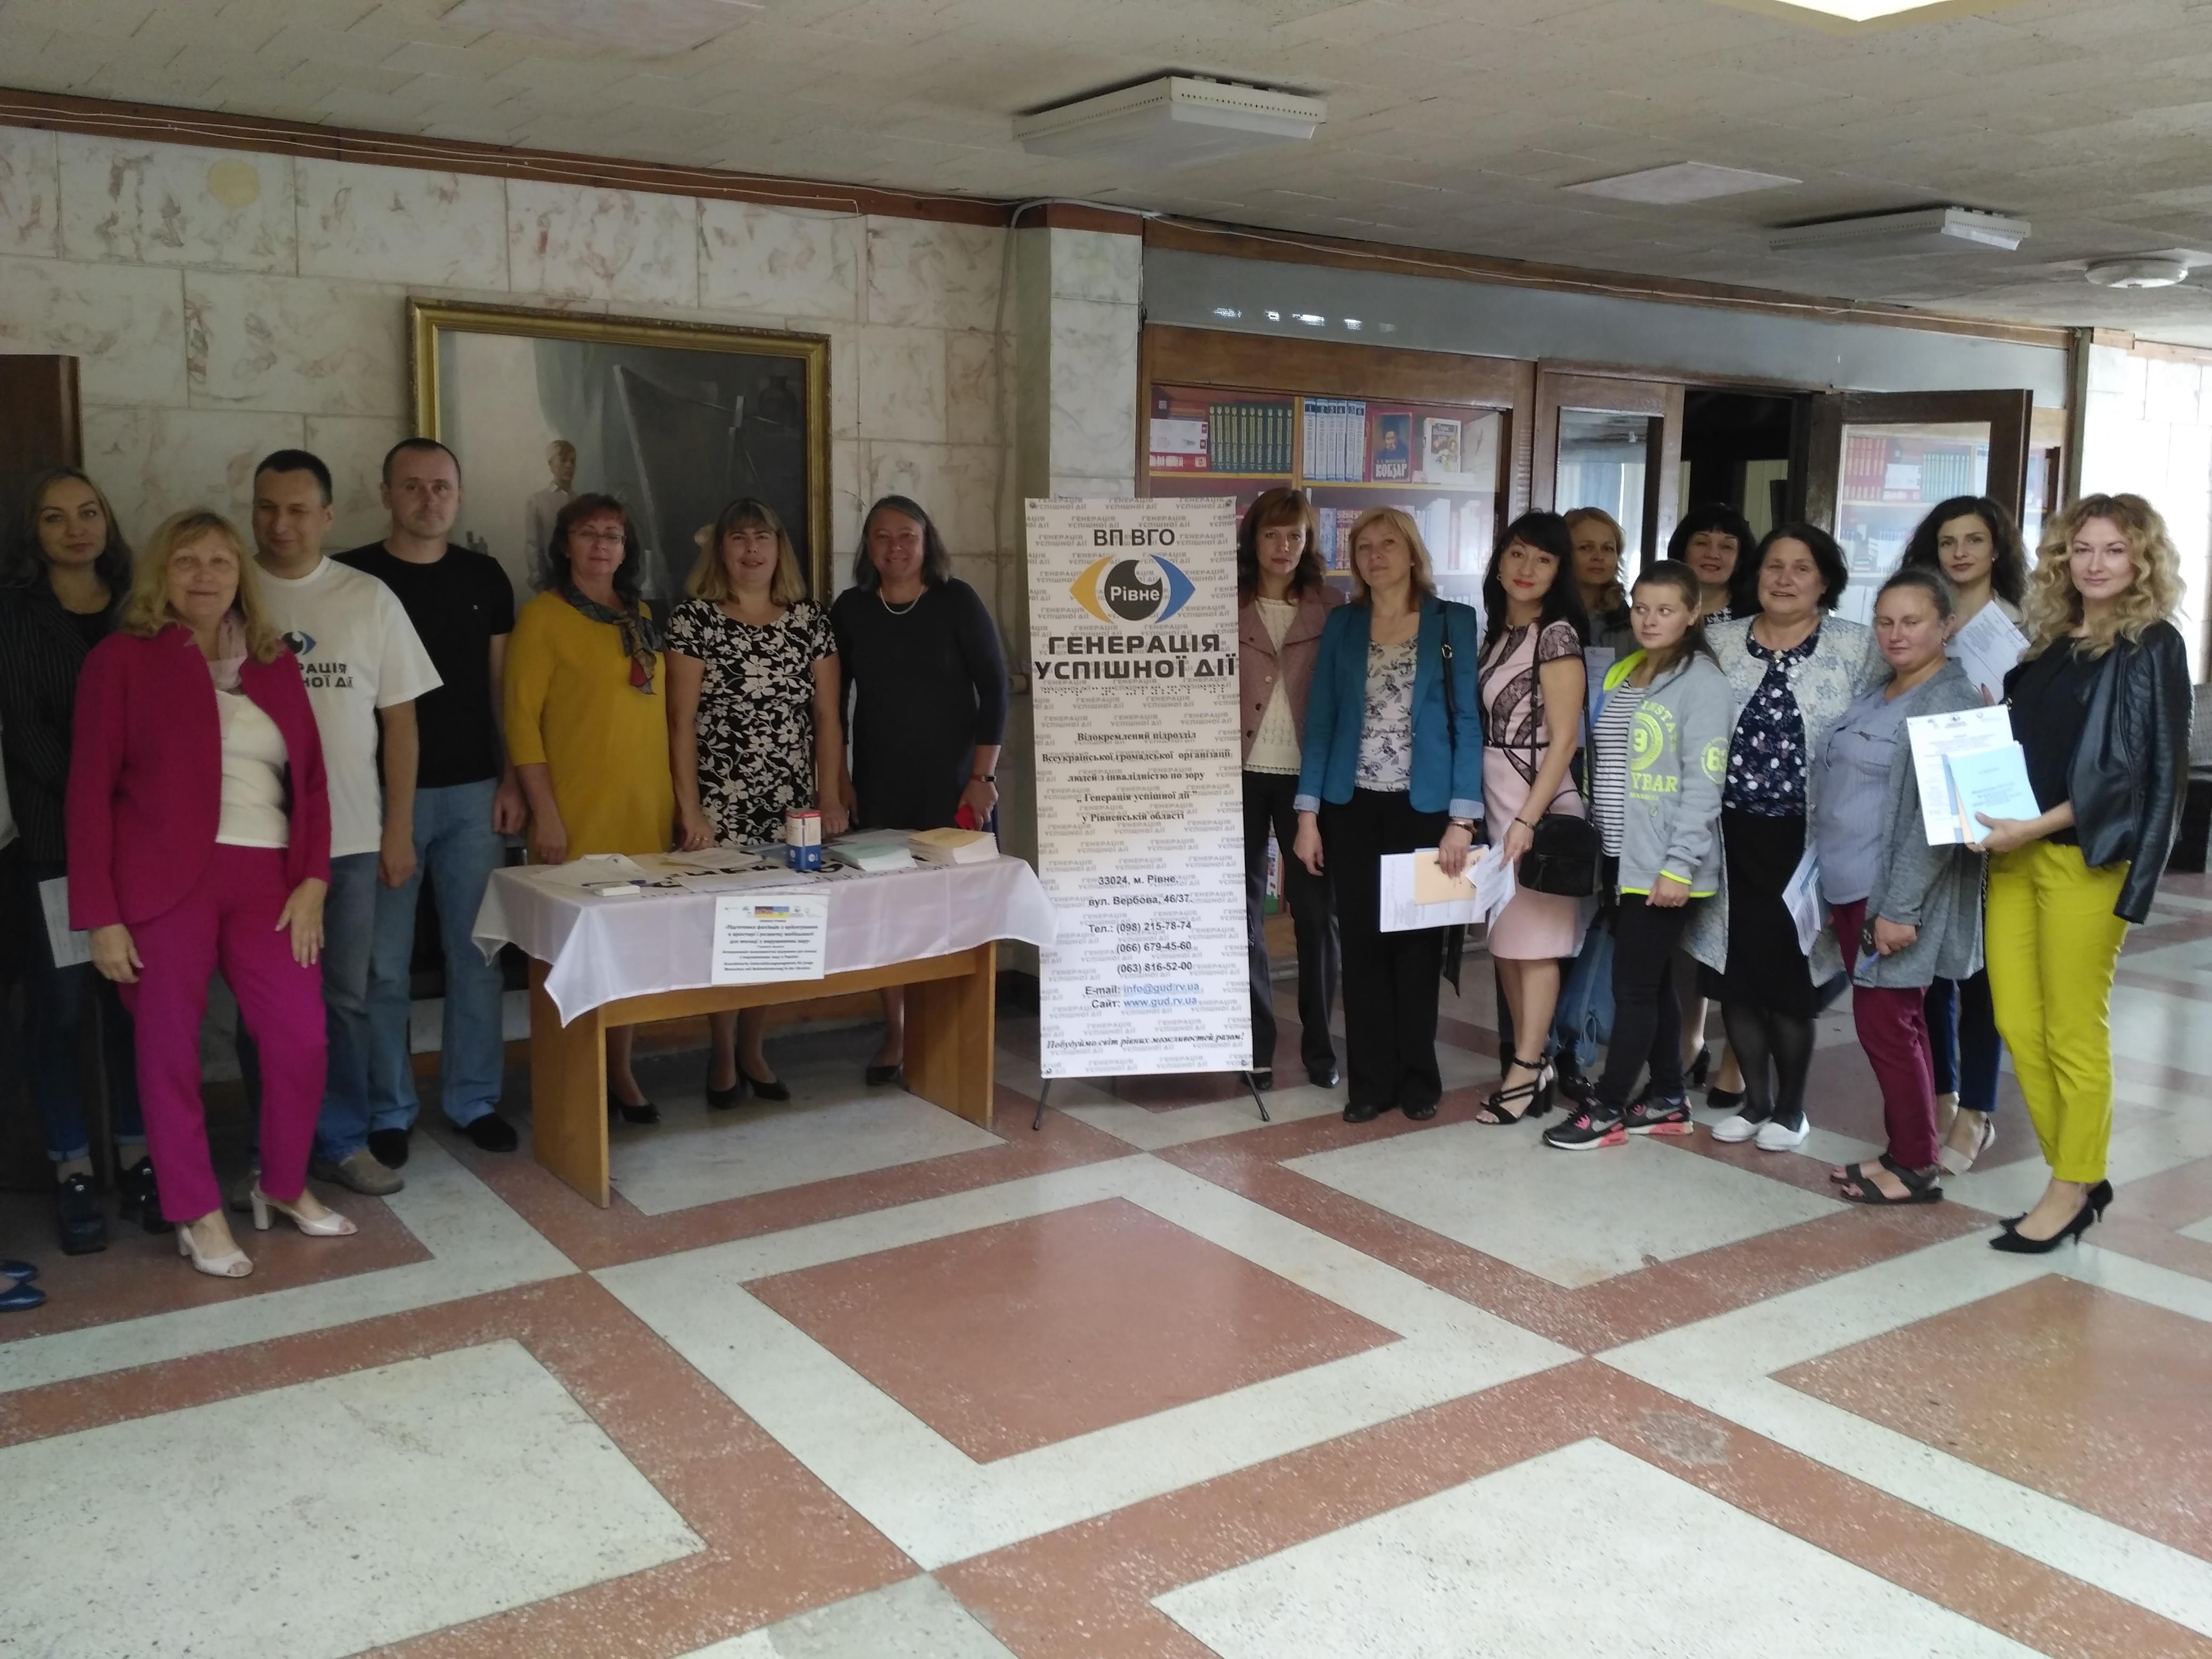 Семінар-тренінг за проектом «Координація можливостей підтримки для молоді з порушеннями зору в Україні» пройшов у Рівному.